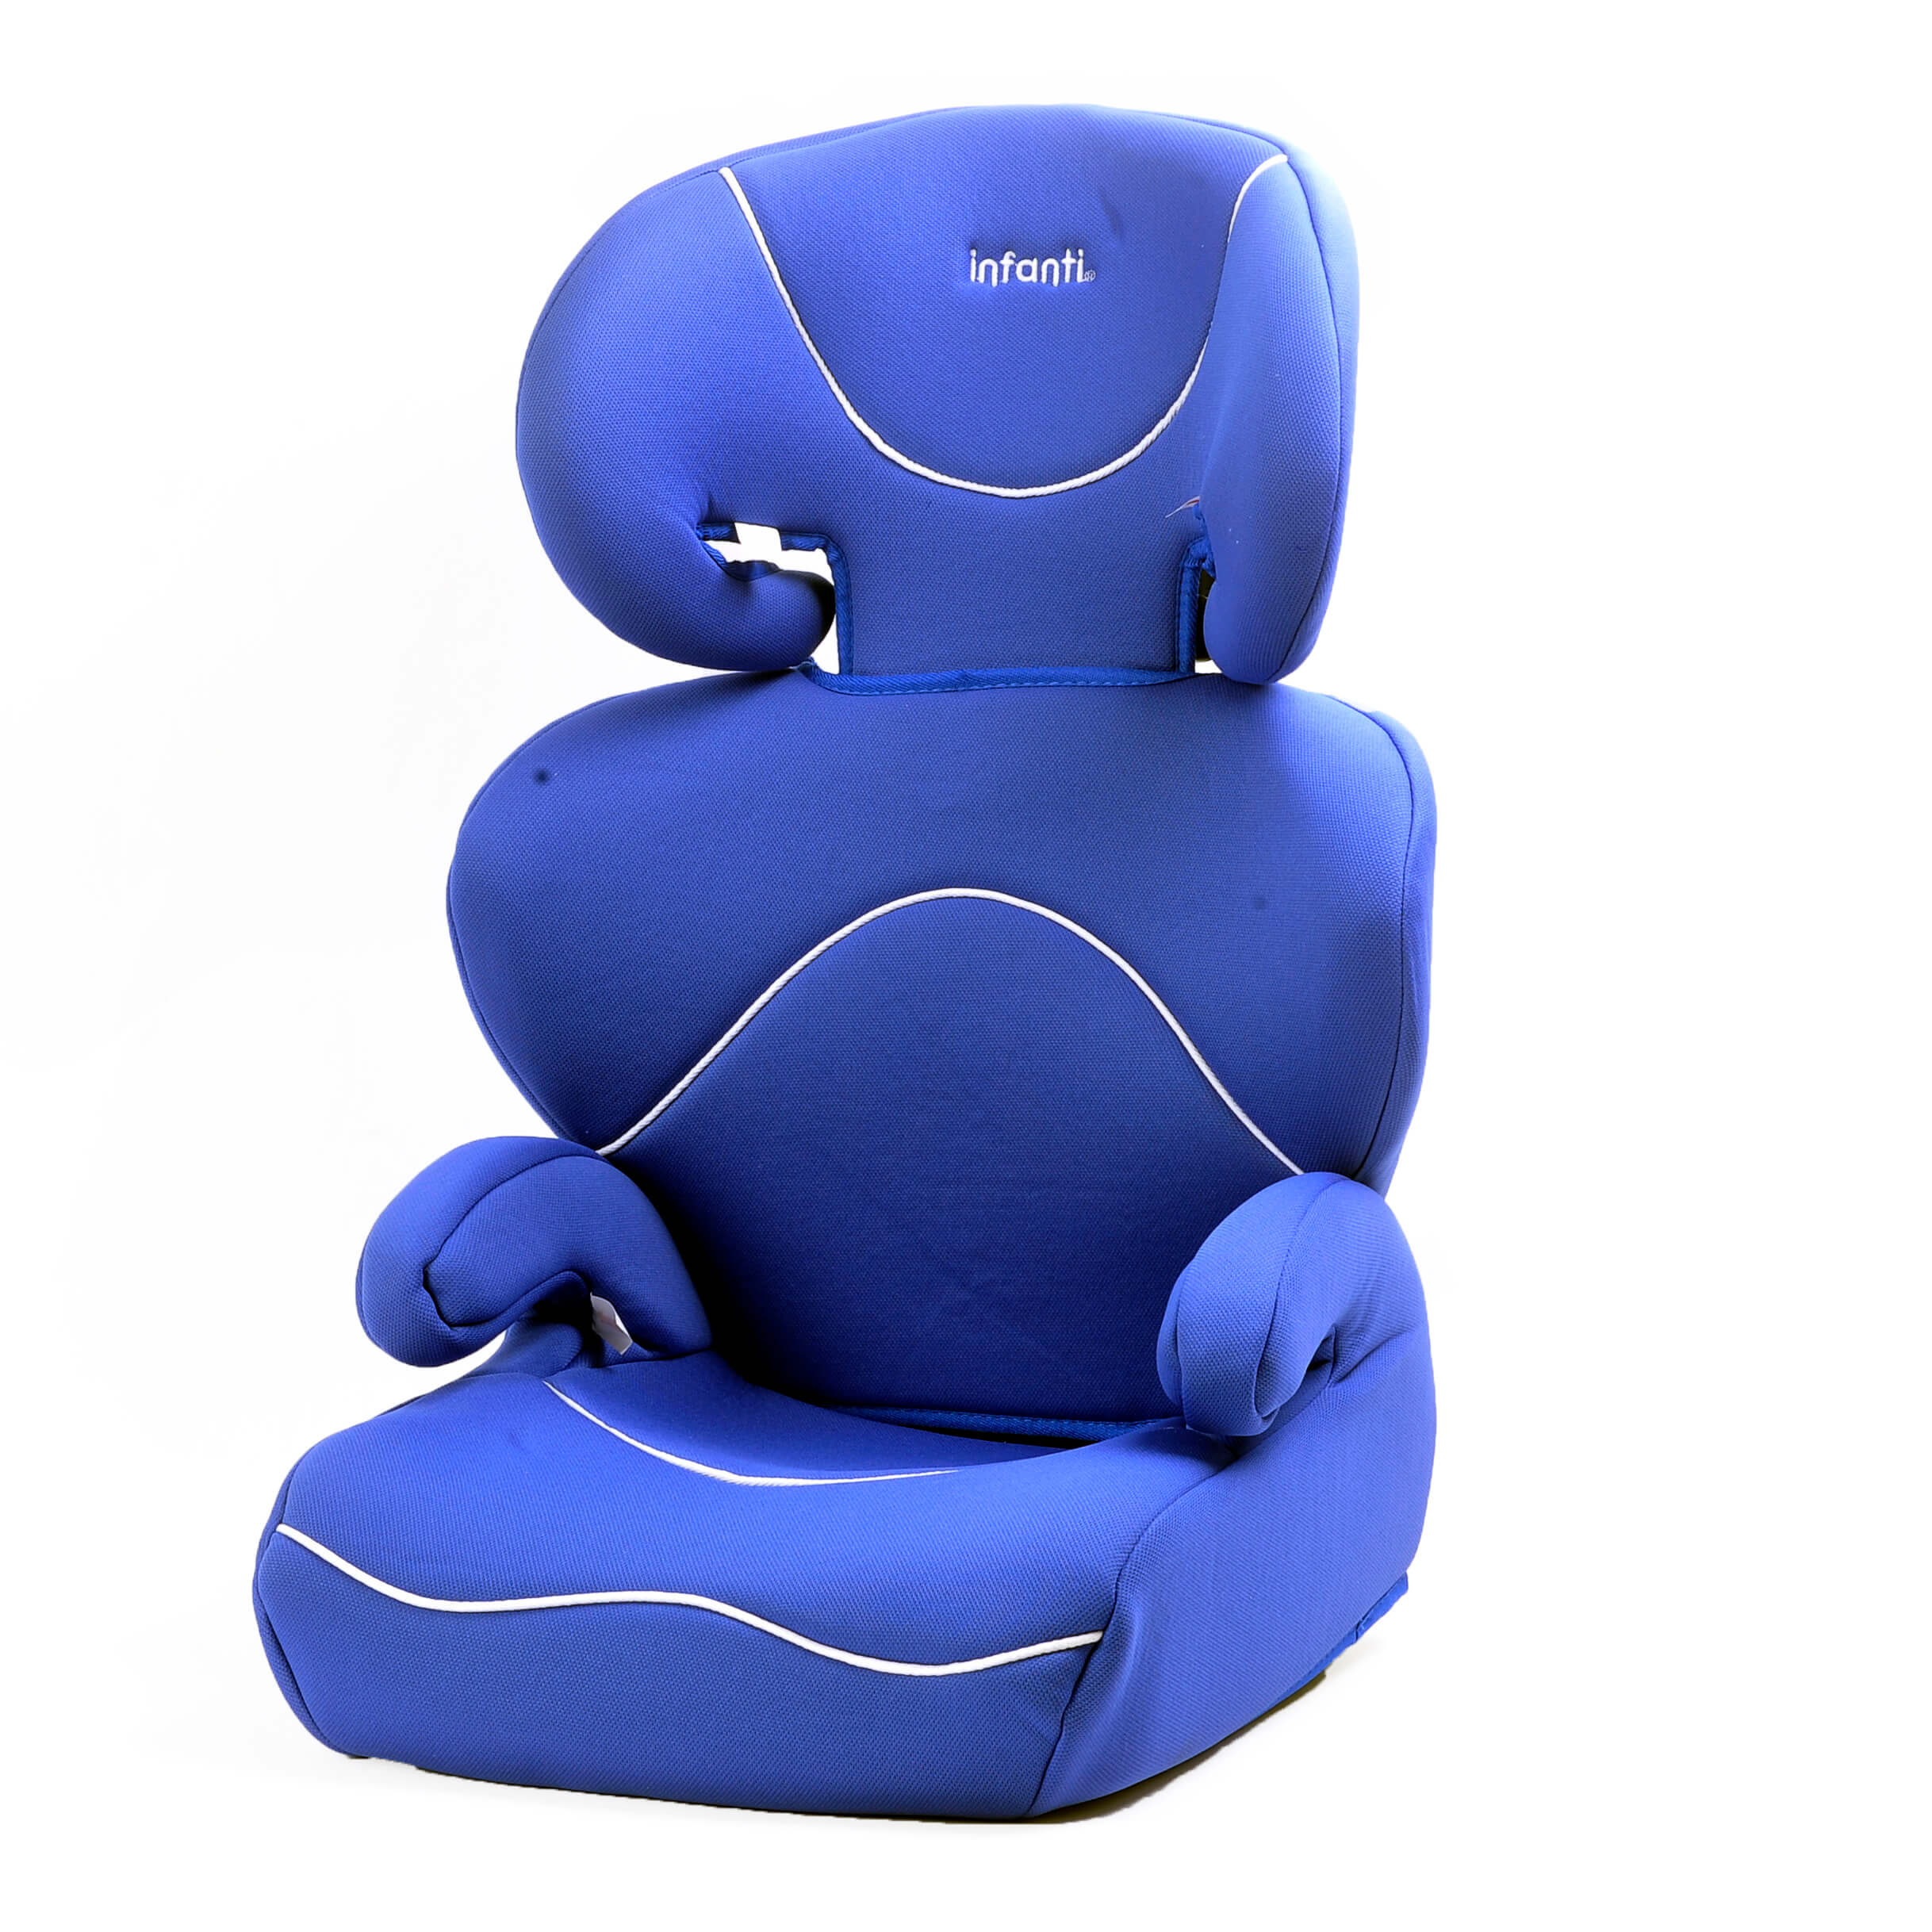 בוסטר לאוטו ספיד Infanti כחול